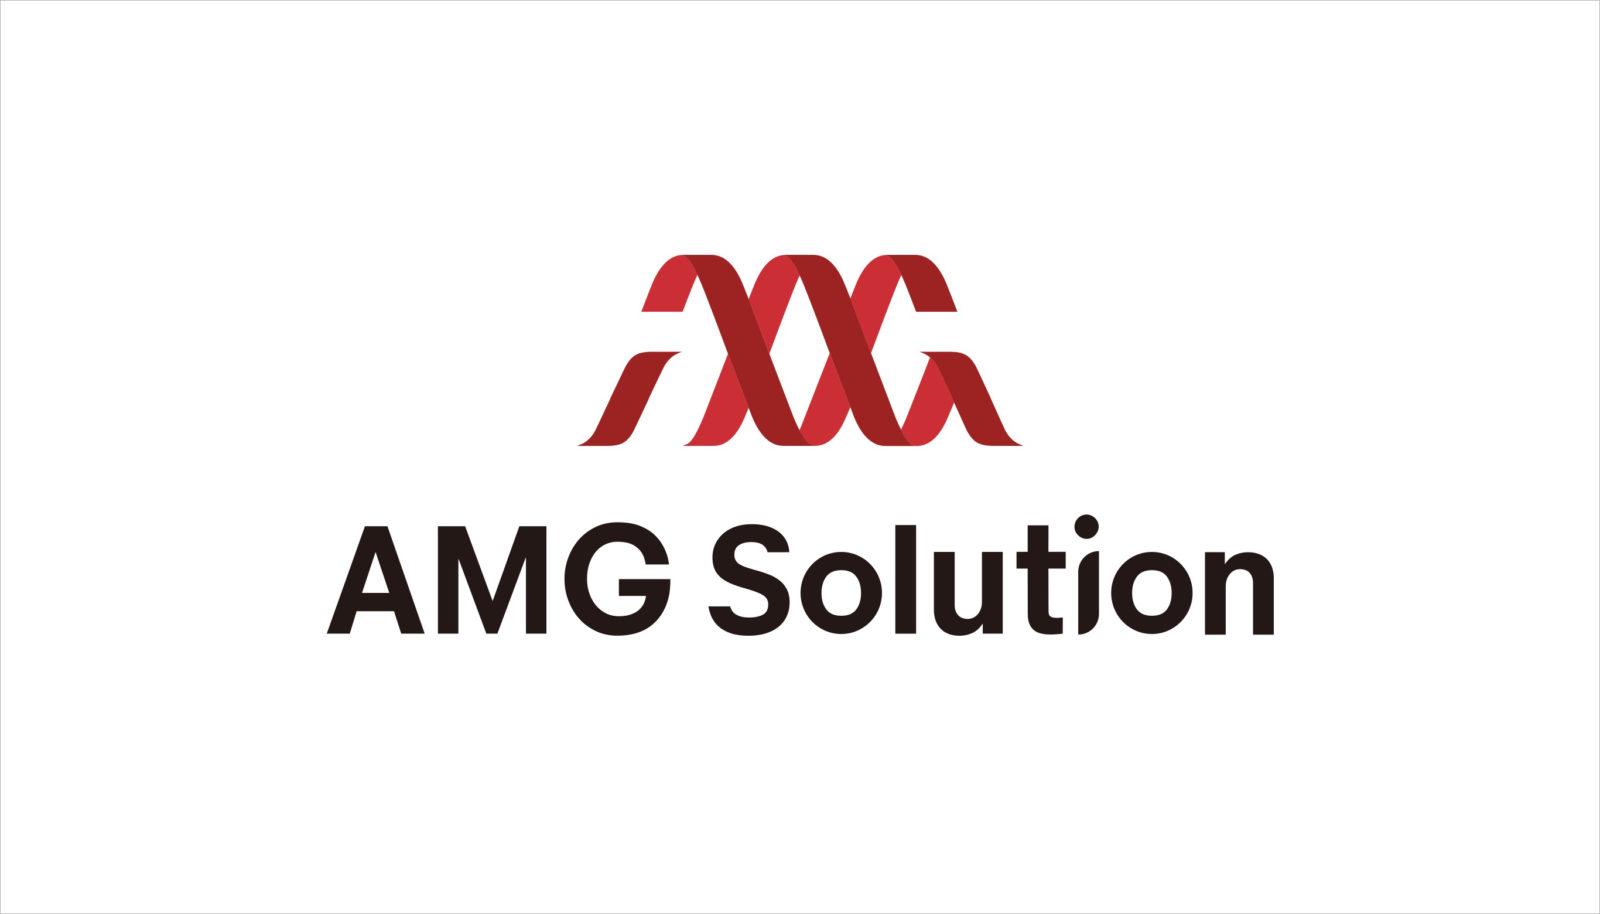 AMG Solution / トータルブランディング